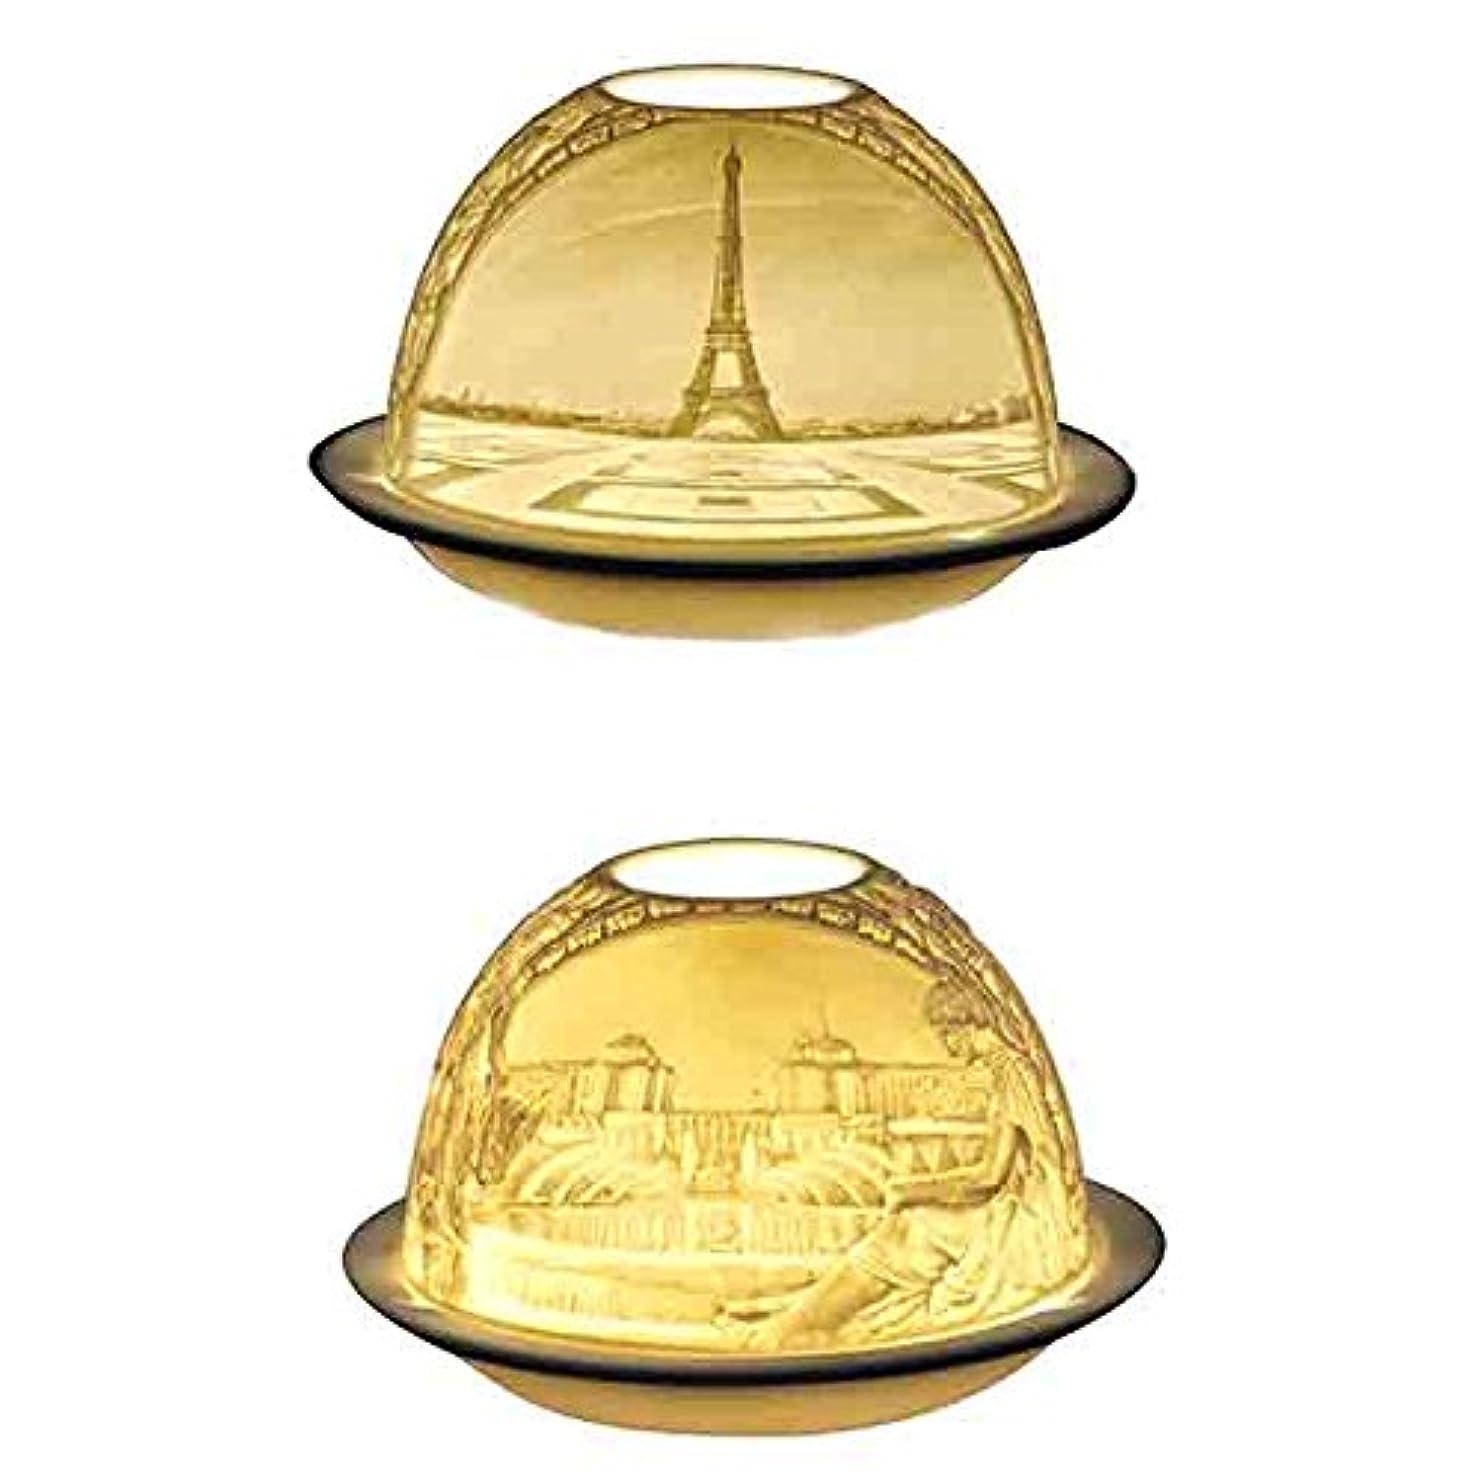 黙従事する今晩ベルナルド[BERNARDAUD] キャンドル用リトファニー ランプ 「パリ エッフェル塔」フランス製 リモージュ